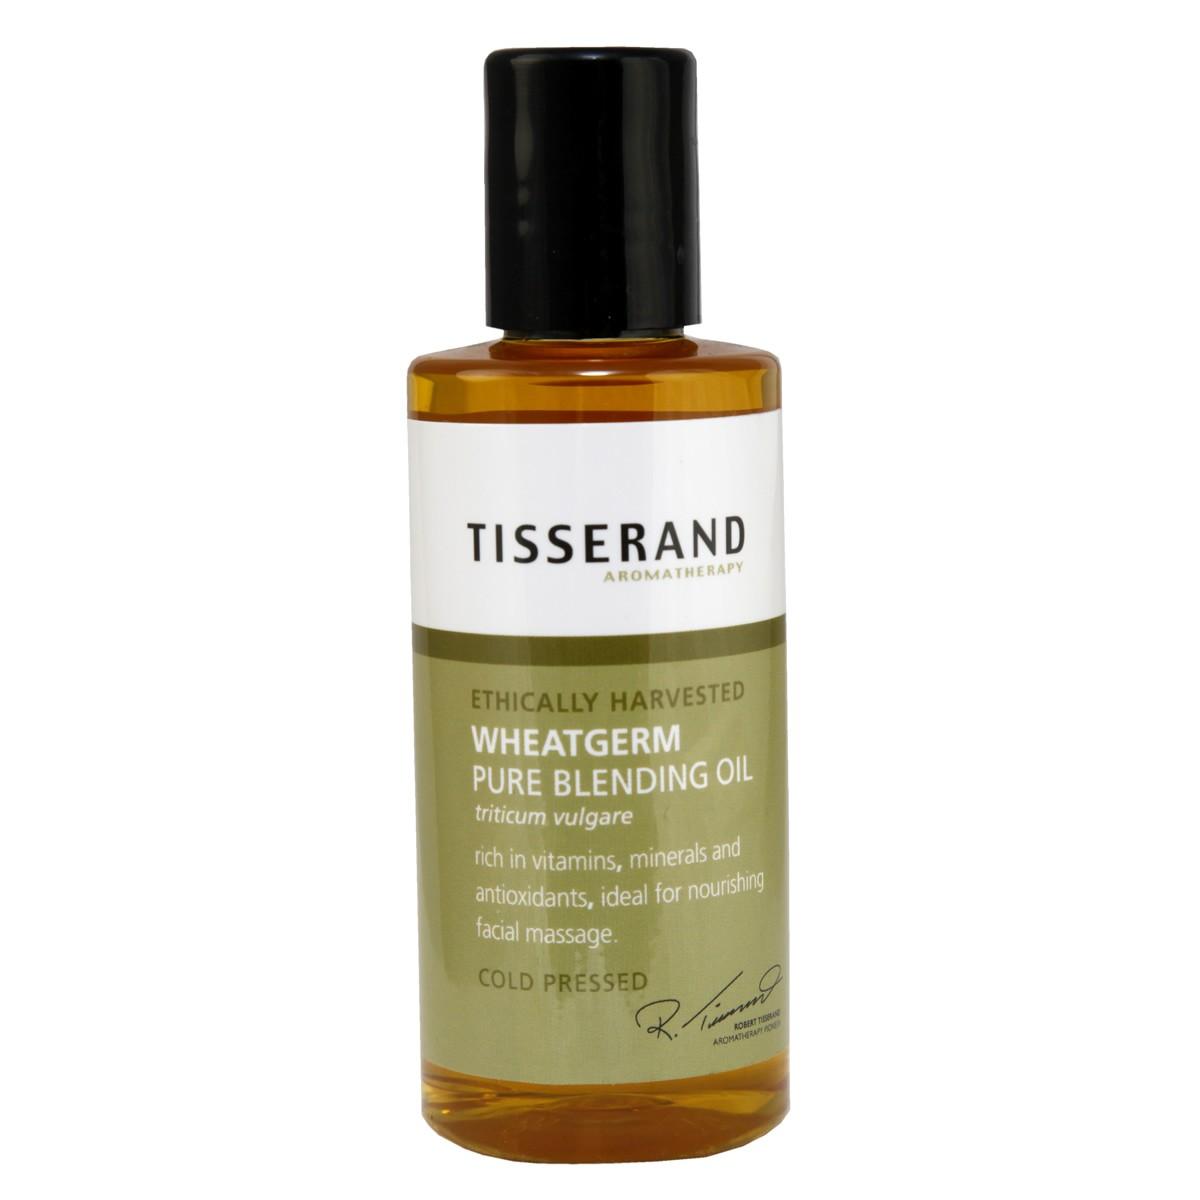 Tisserand Wheatgerm Ethically Harvested Pure Blending Oil